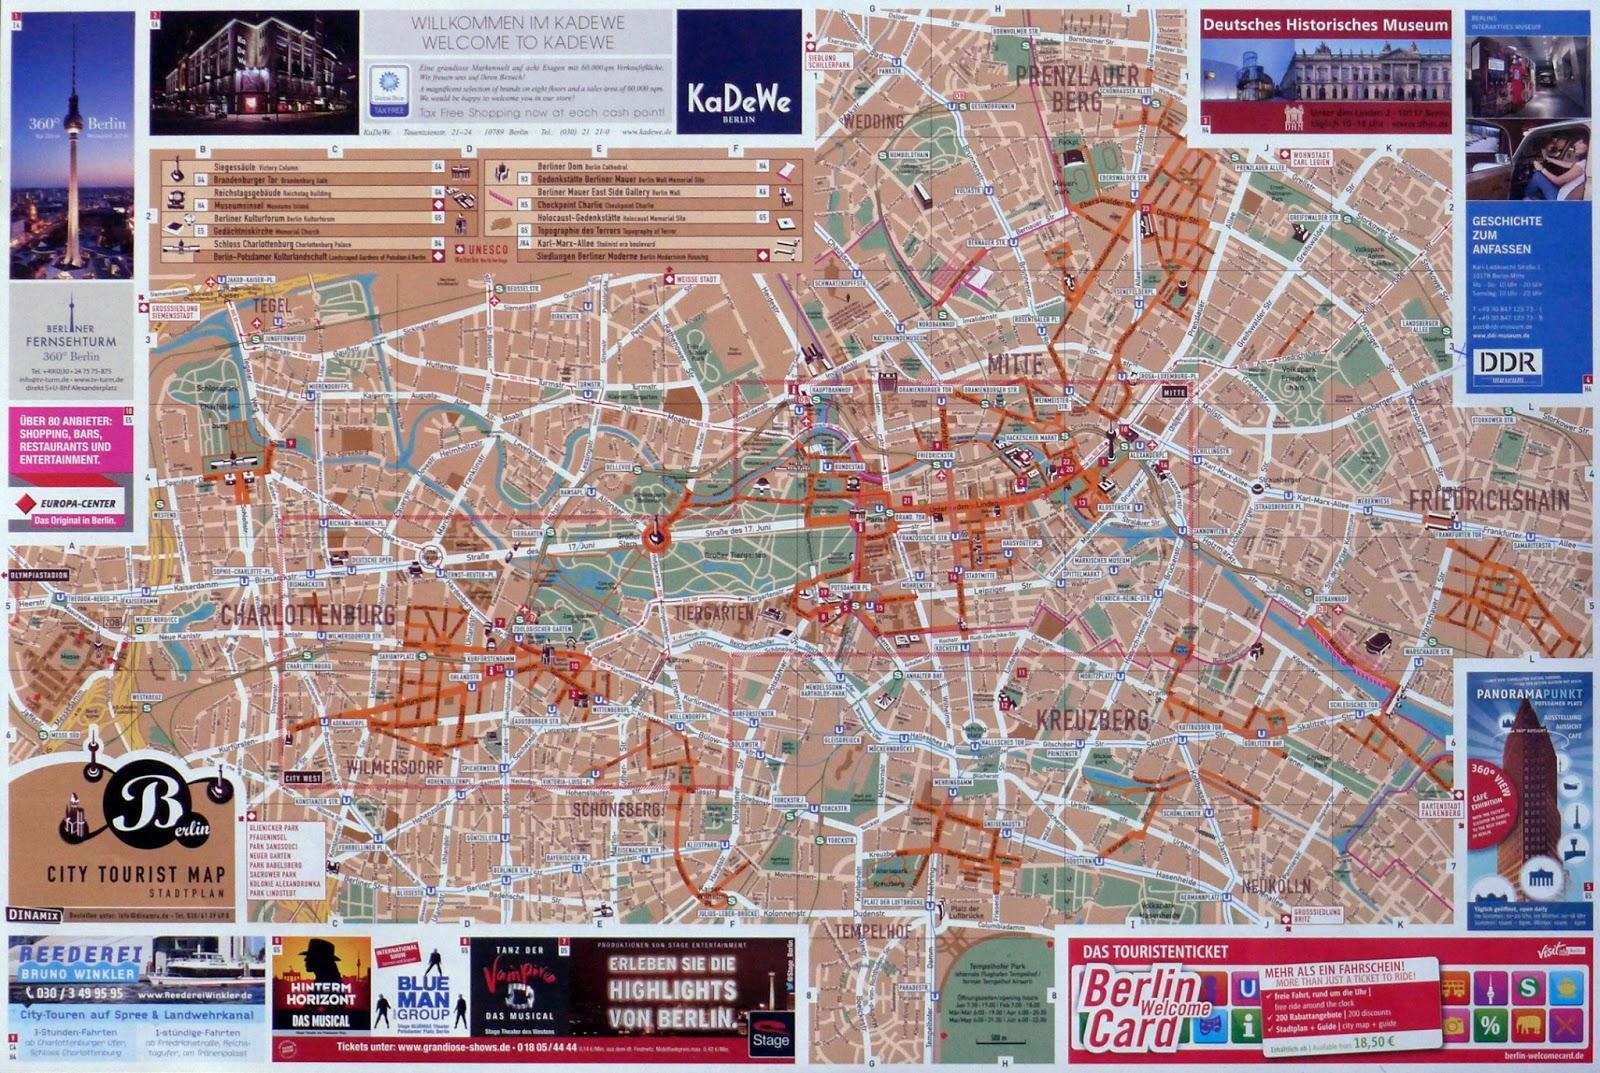 berlin_tourist_map_01.jpg